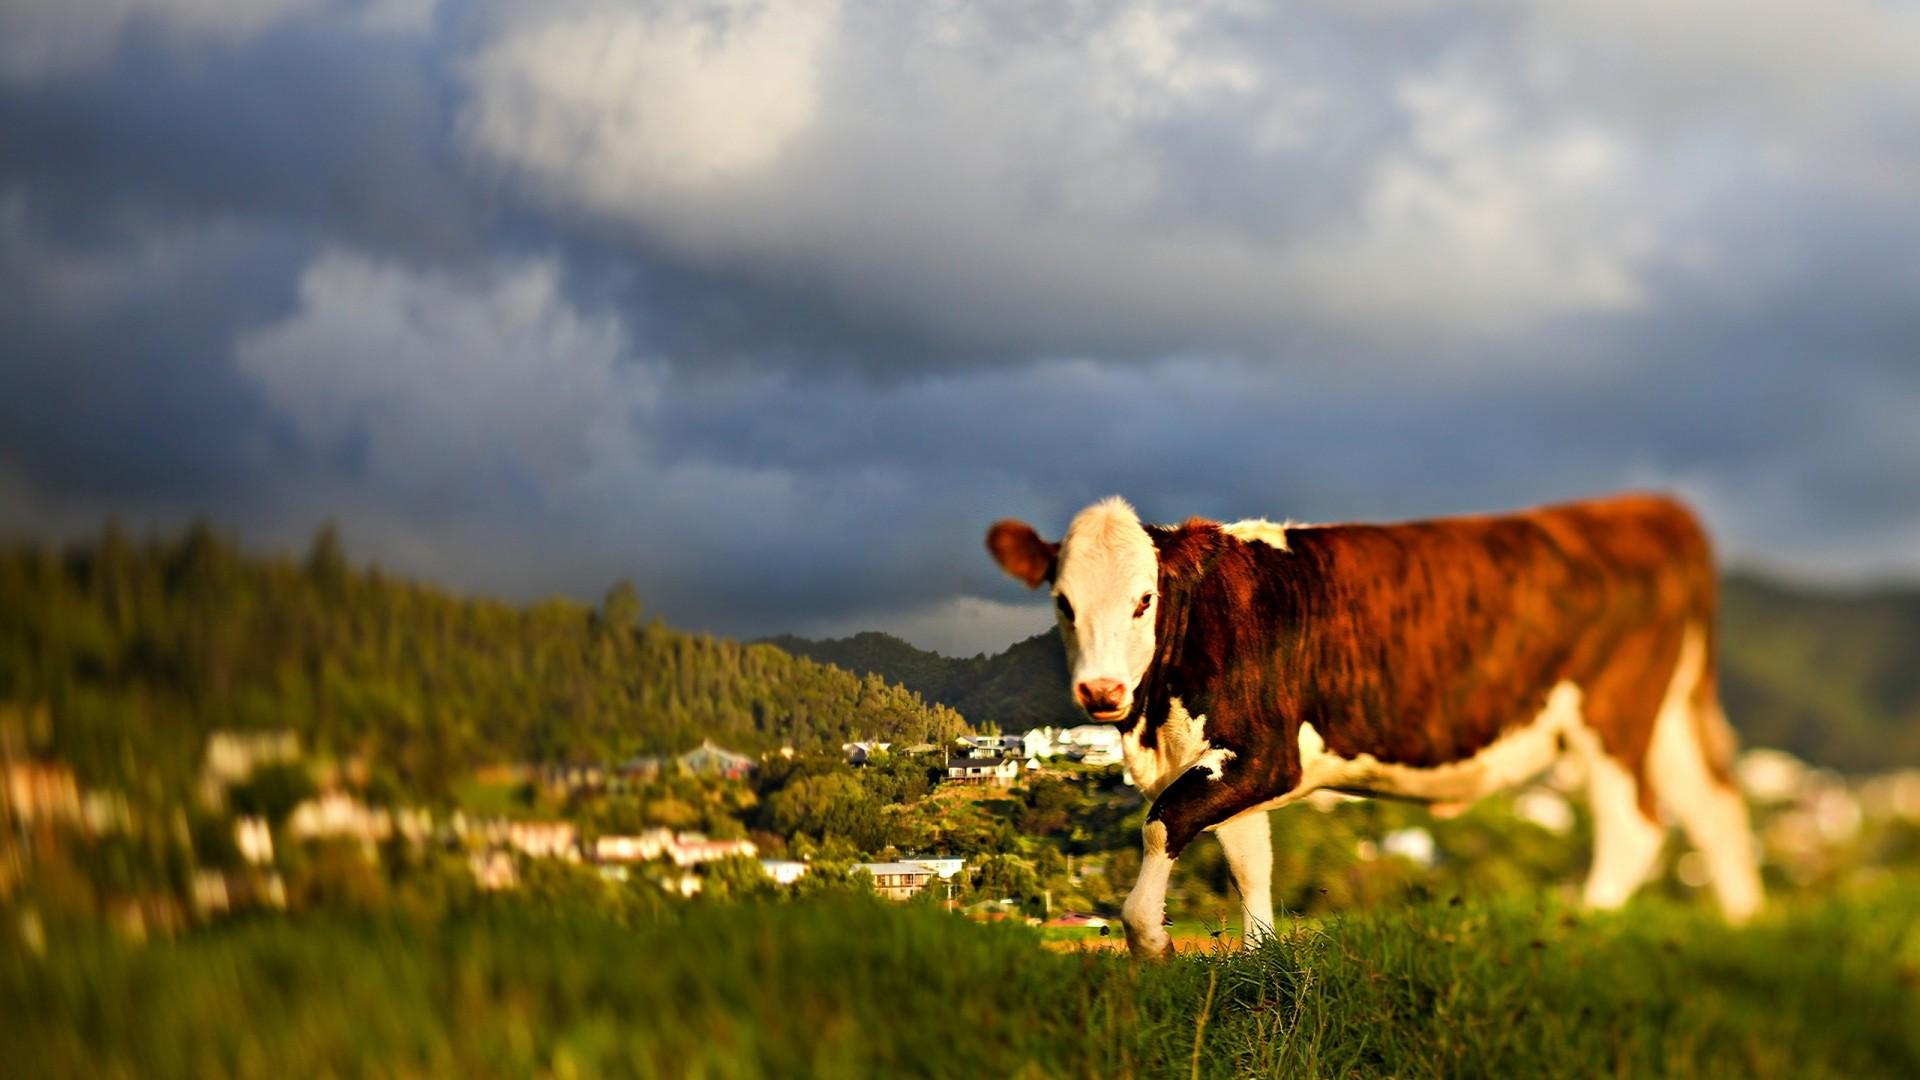 Cow Free Wallpaper